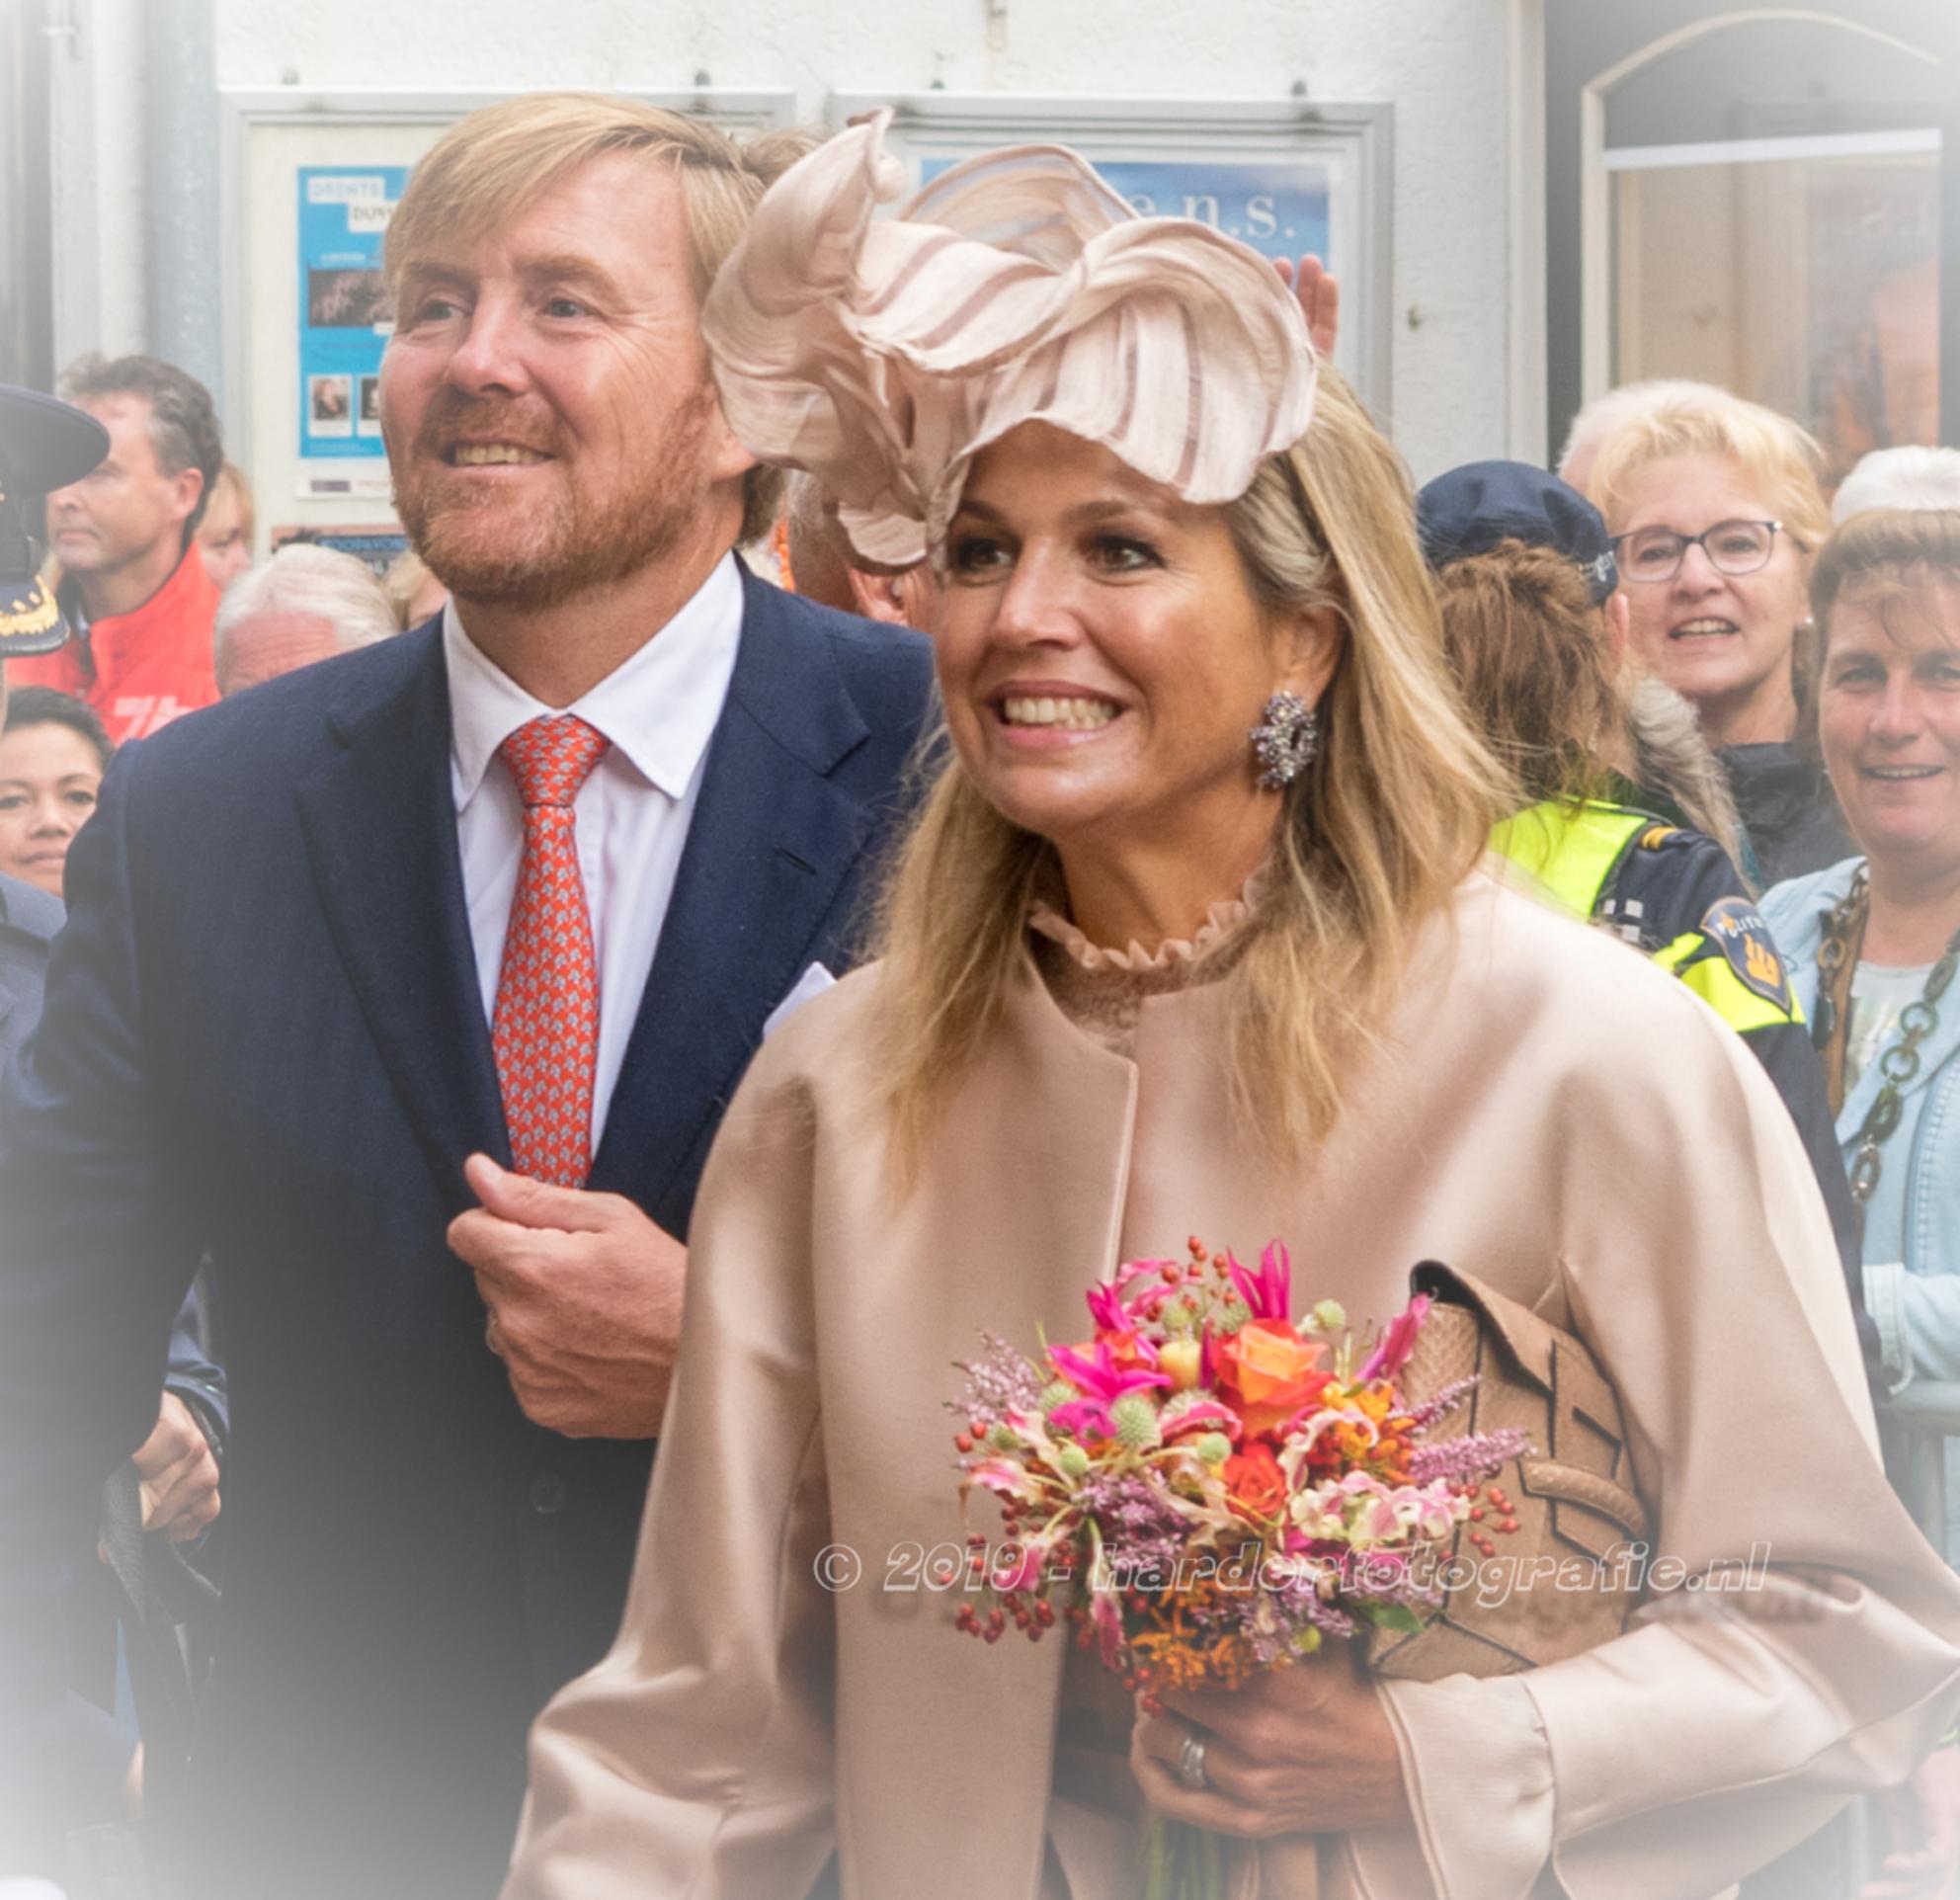 koninklijk paar in meppel - Koning Willem-Alexander en Koningin Máxima brachten afgelopen woensdag 18 sept een bezoek aan Zuid West Drenthe. Hierbij vereerden zij ook Meppel met - foto door deharder op 21-09-2019 - deze foto bevat: portret, stad, maxima, meppel, Willem Alexander, deharder, streekbezoek